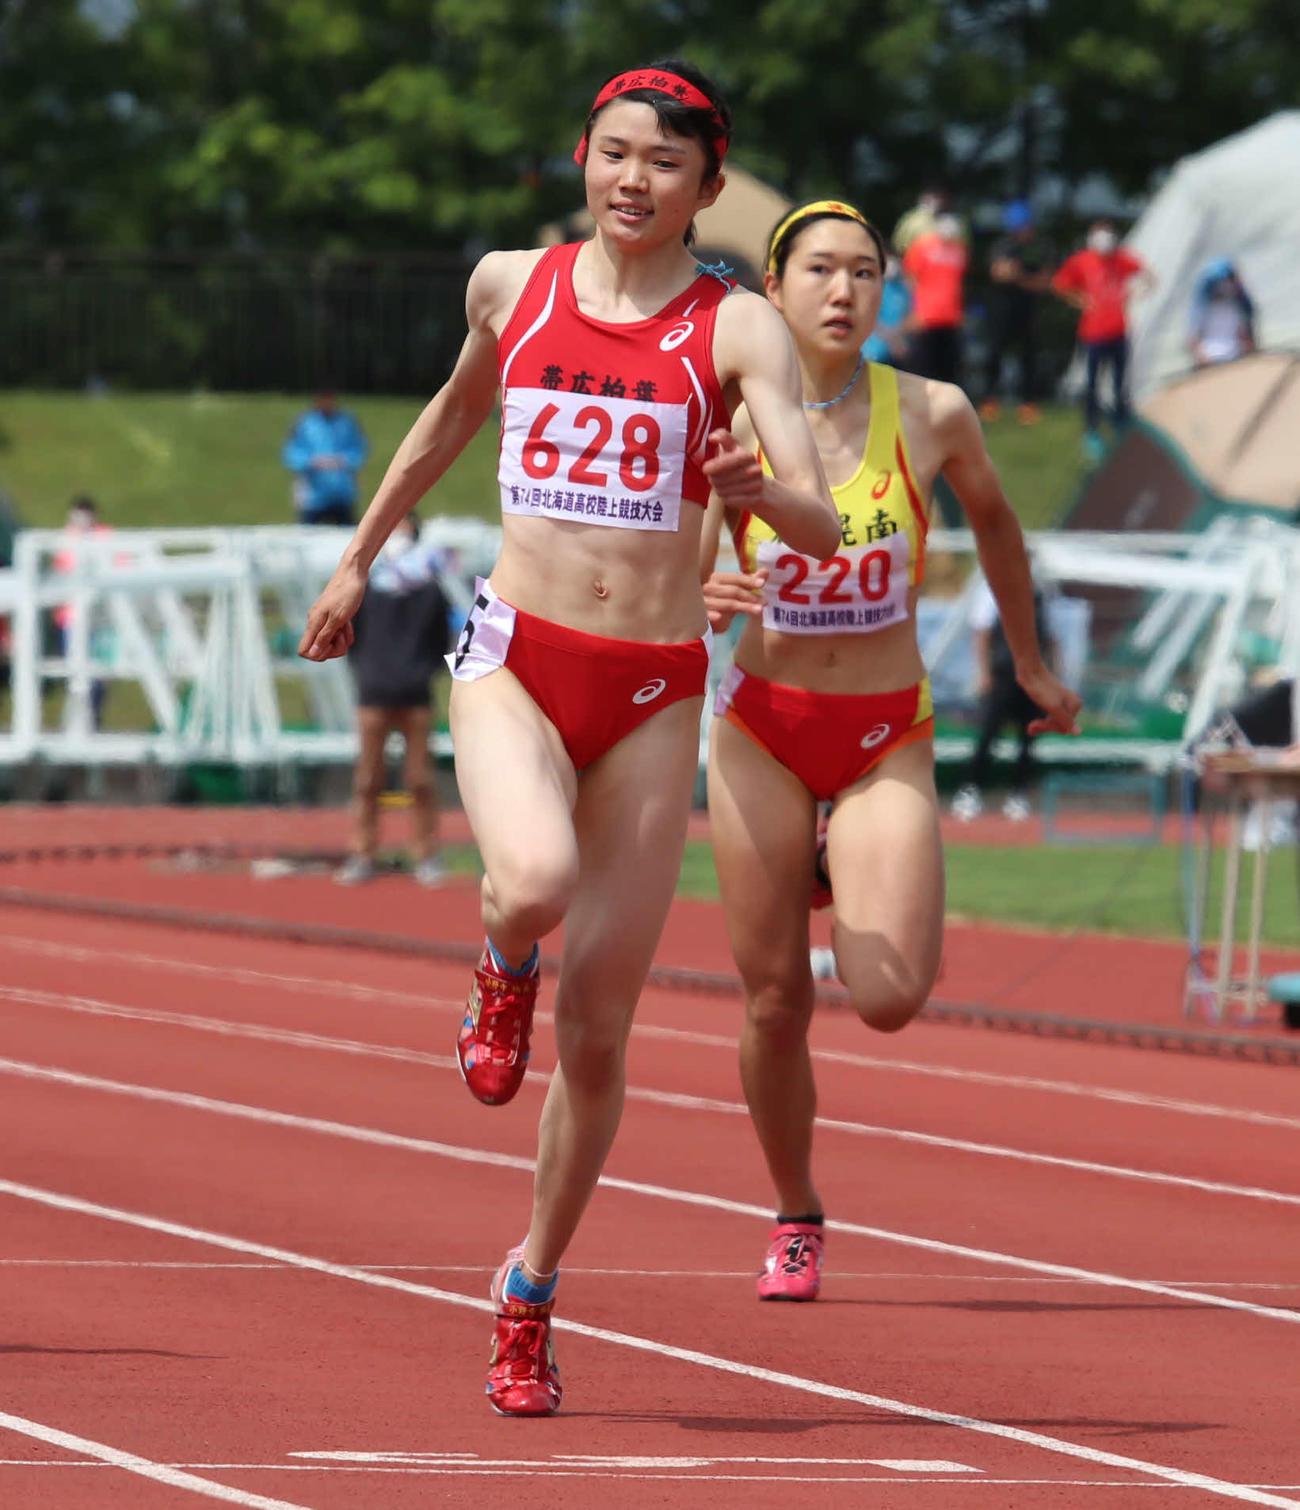 女子200メートルで優勝を果たした帯広柏葉の小野寺(左)(撮影・山崎純一)